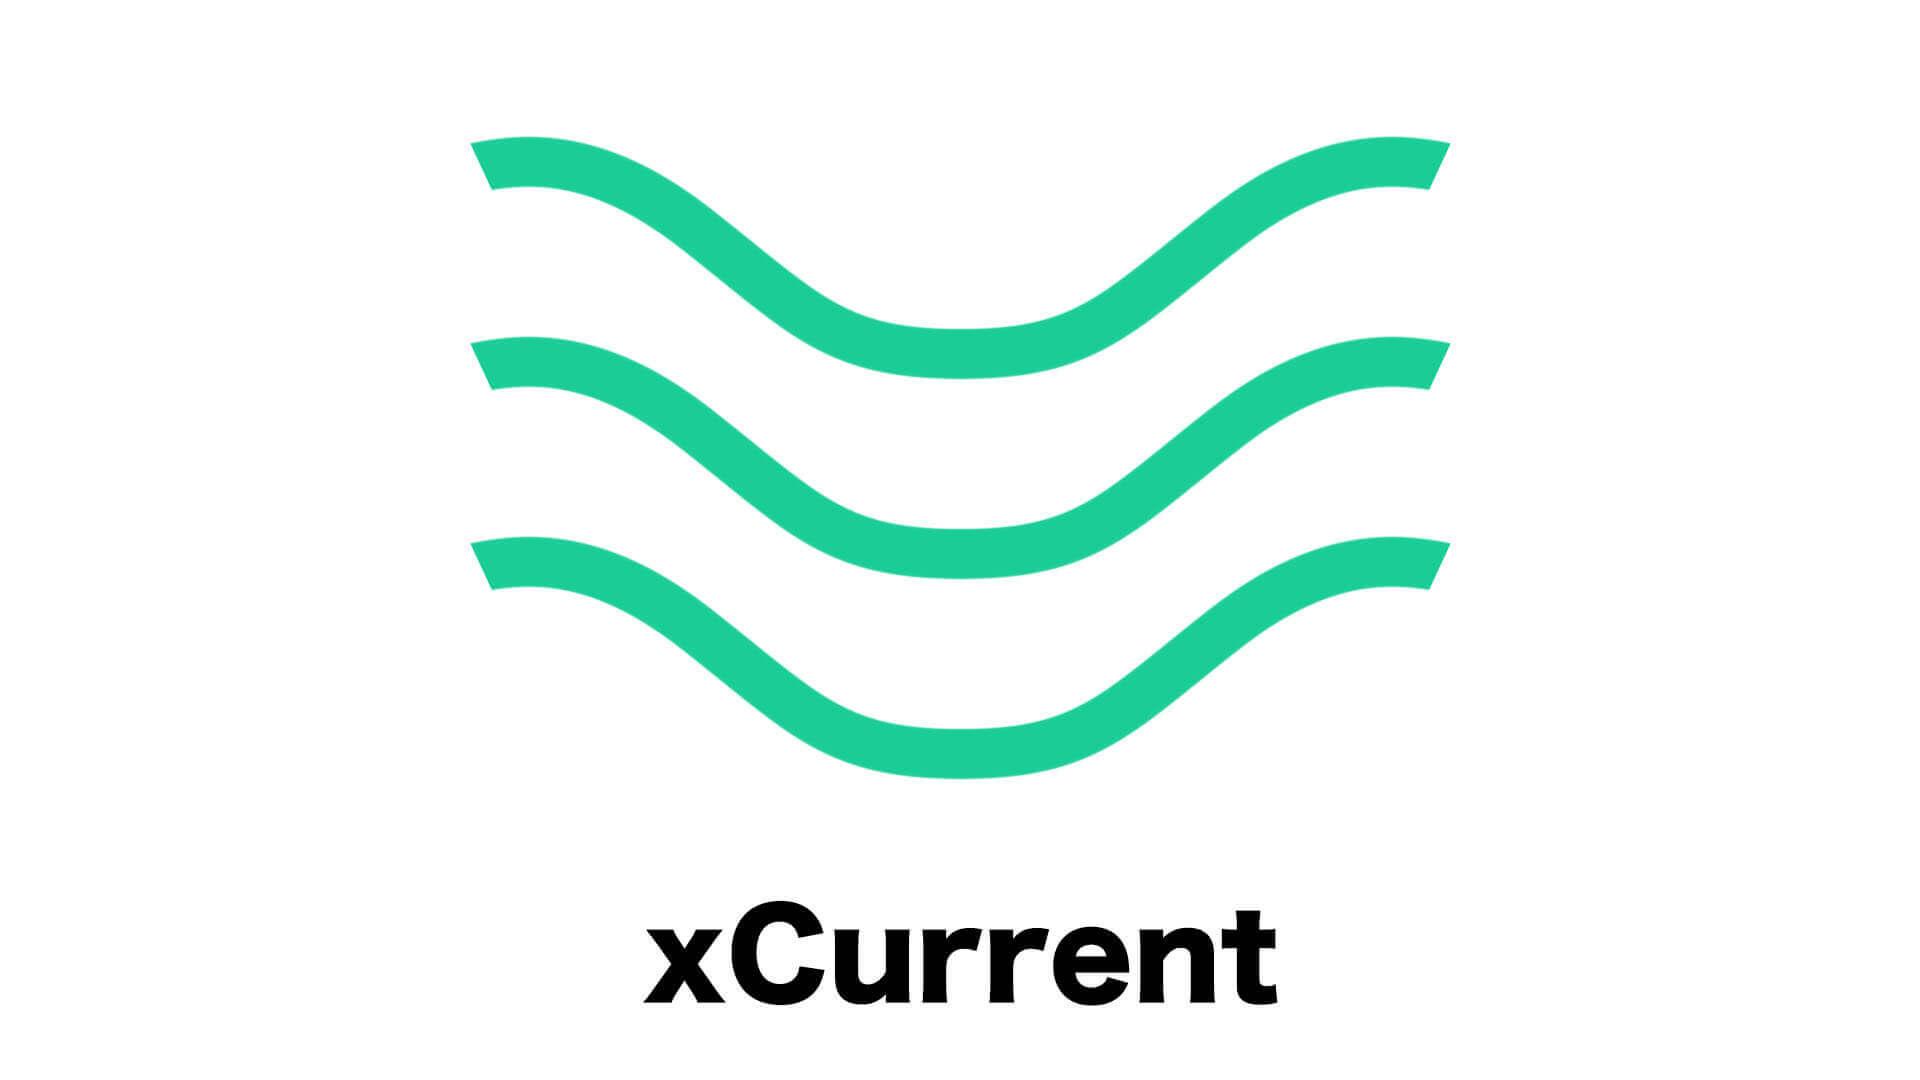 ایکس کارنت (xCurrent) چیست؟